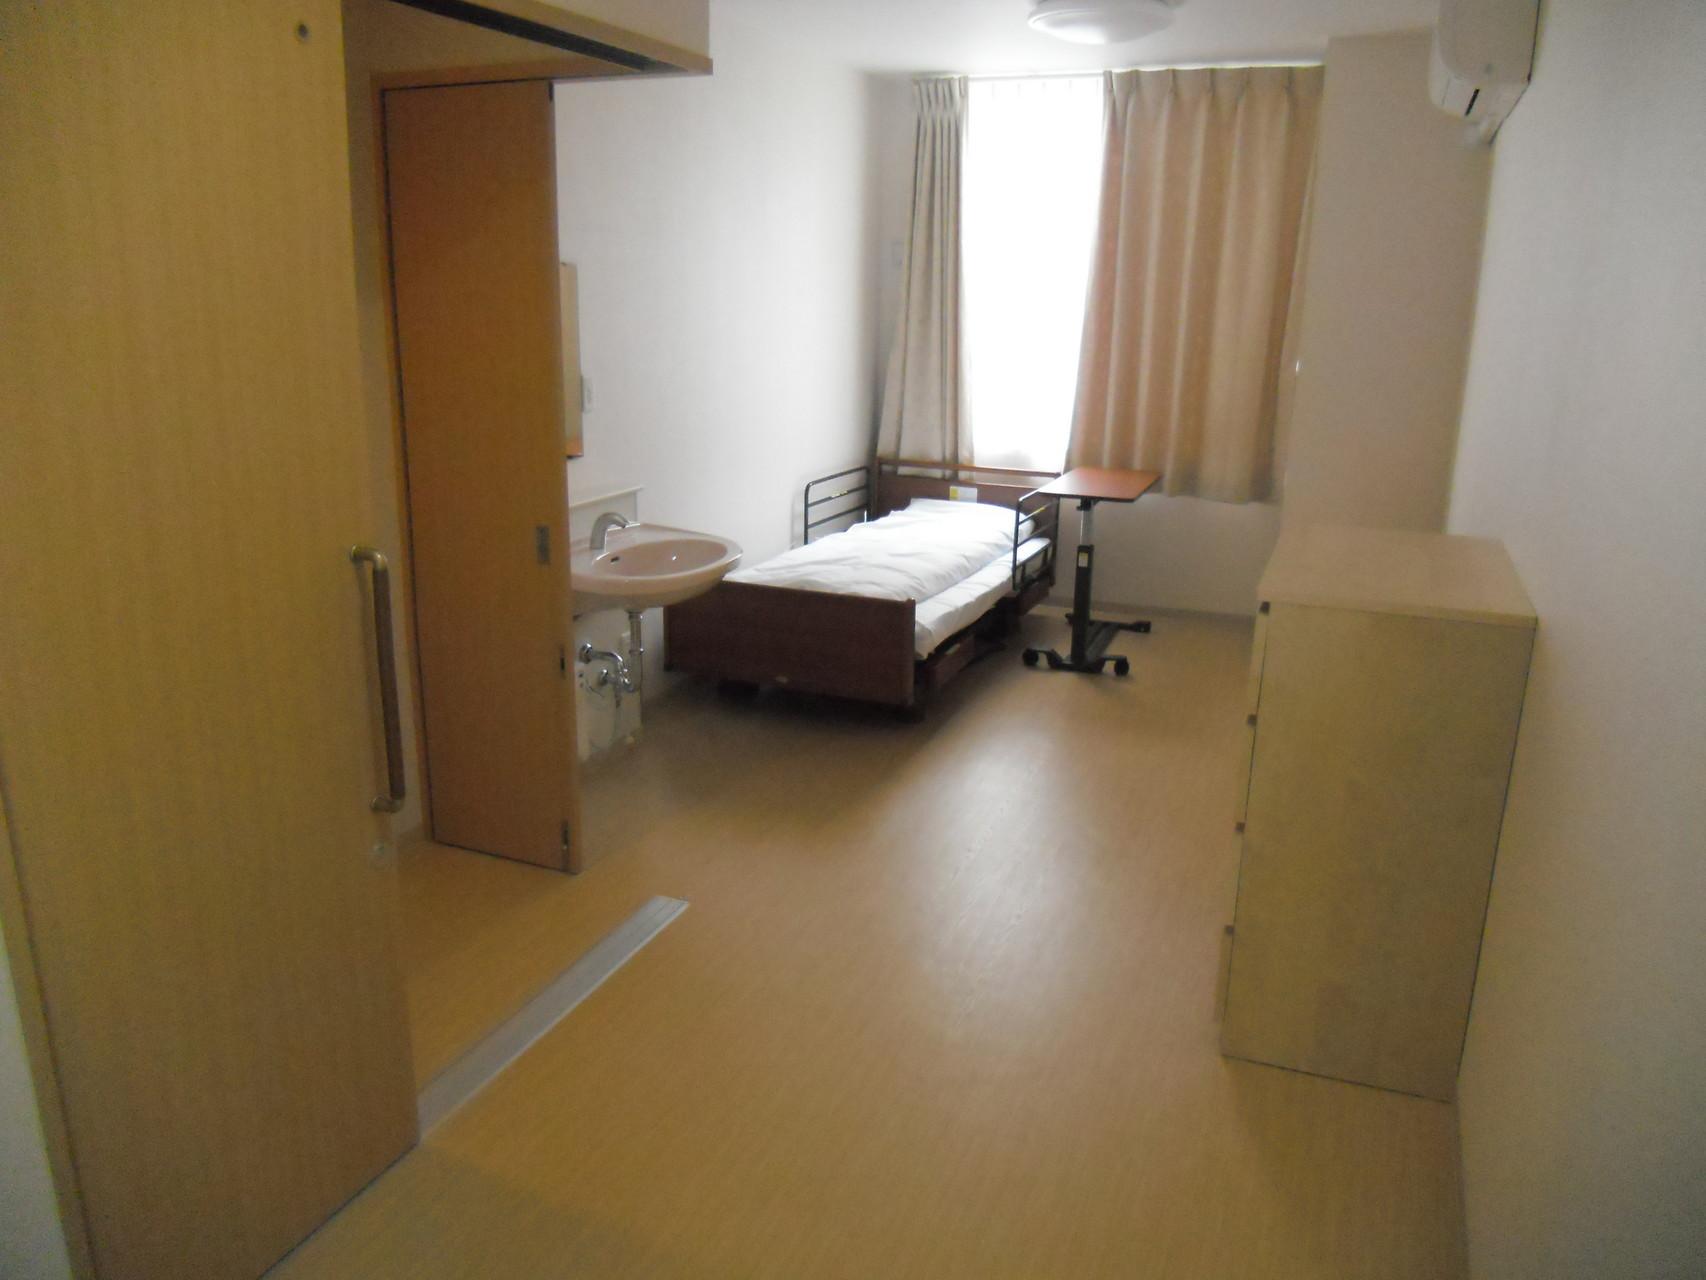 49室 全室個室 約18㎡